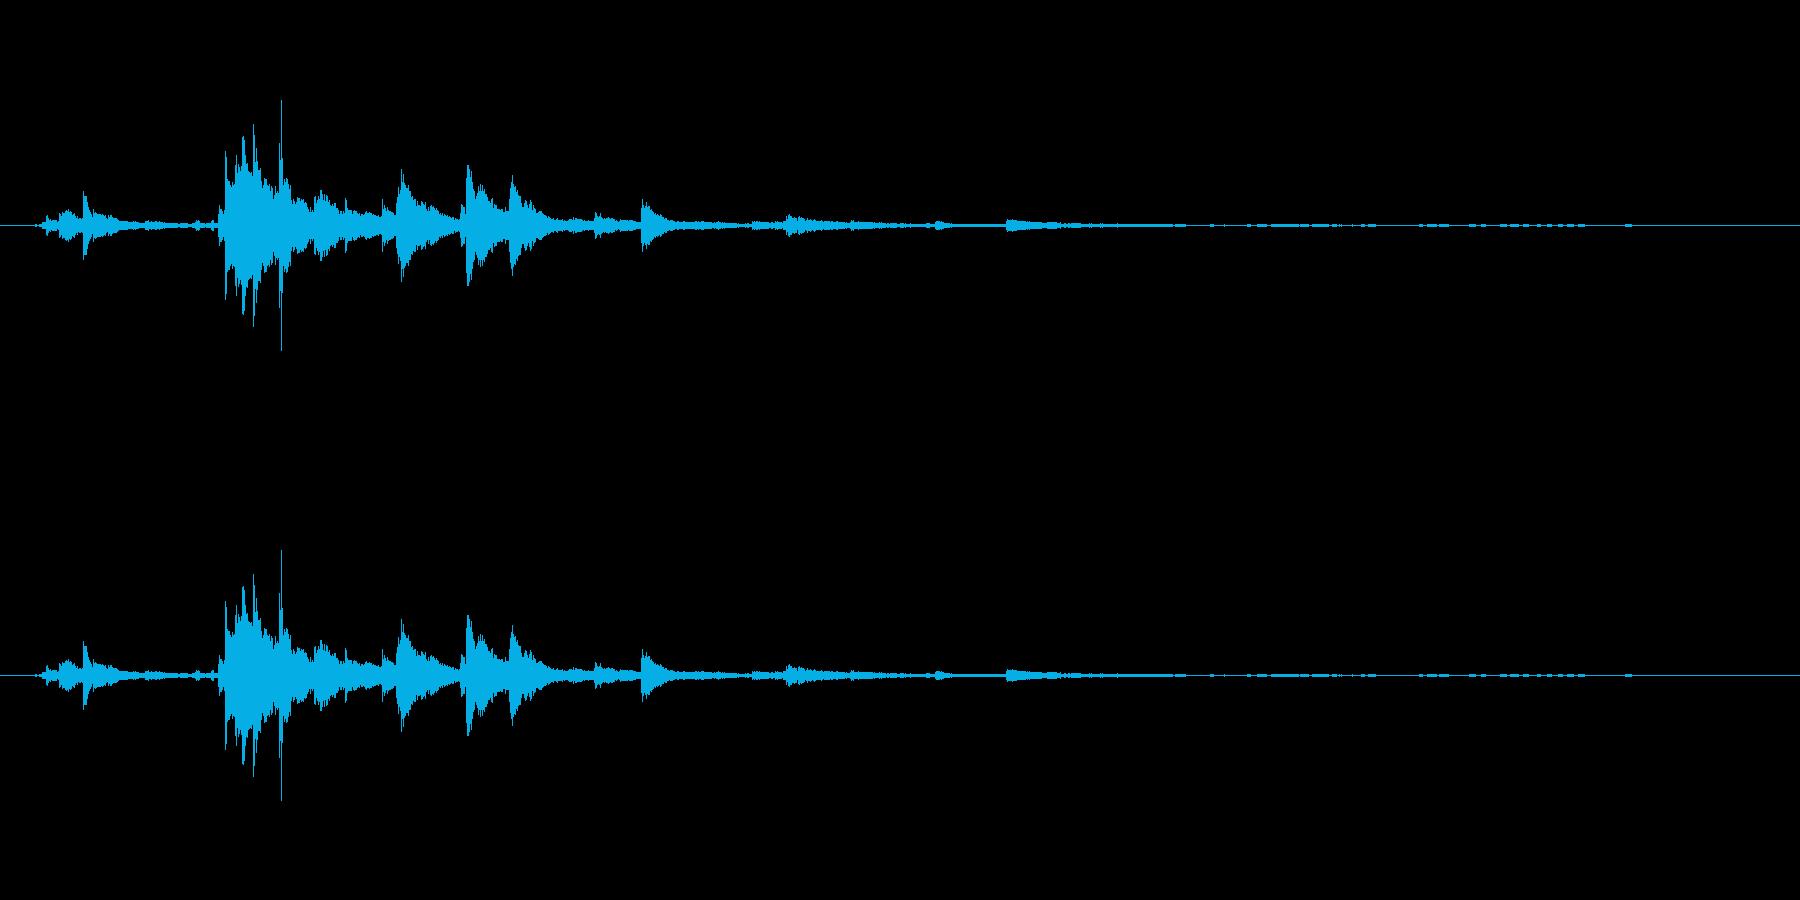 メタル ウィンドベルリンギング05の再生済みの波形